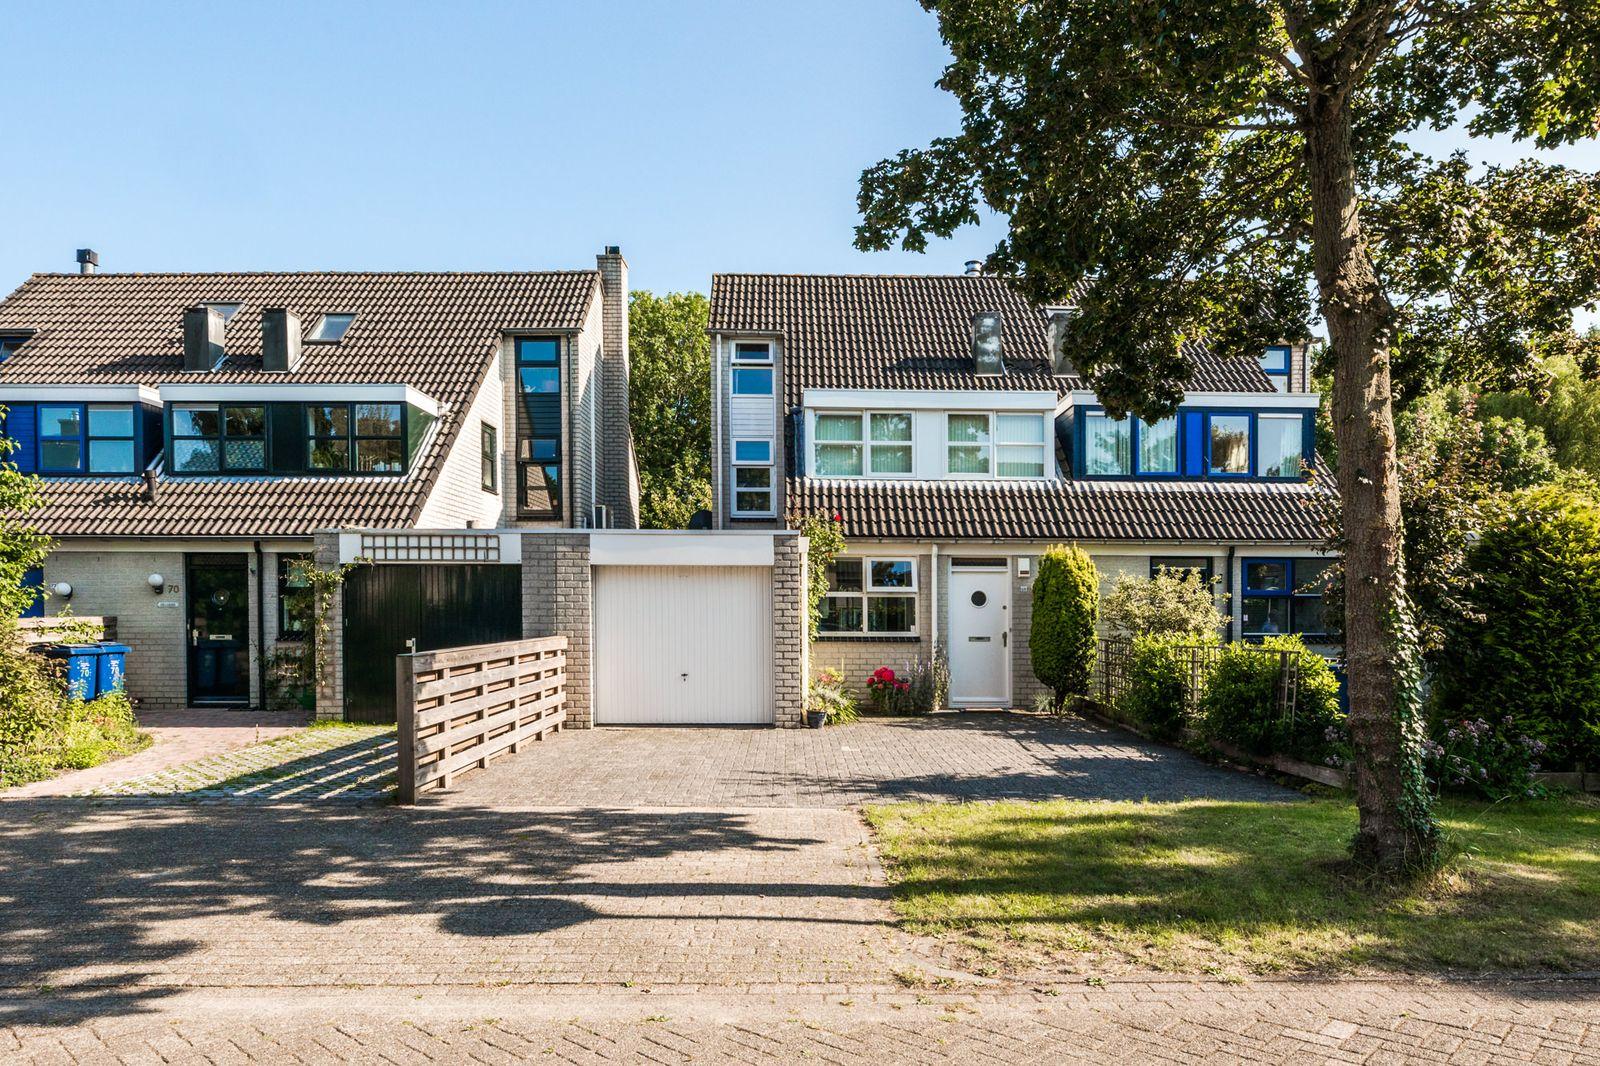 Slingebeekstraat 68, Almere